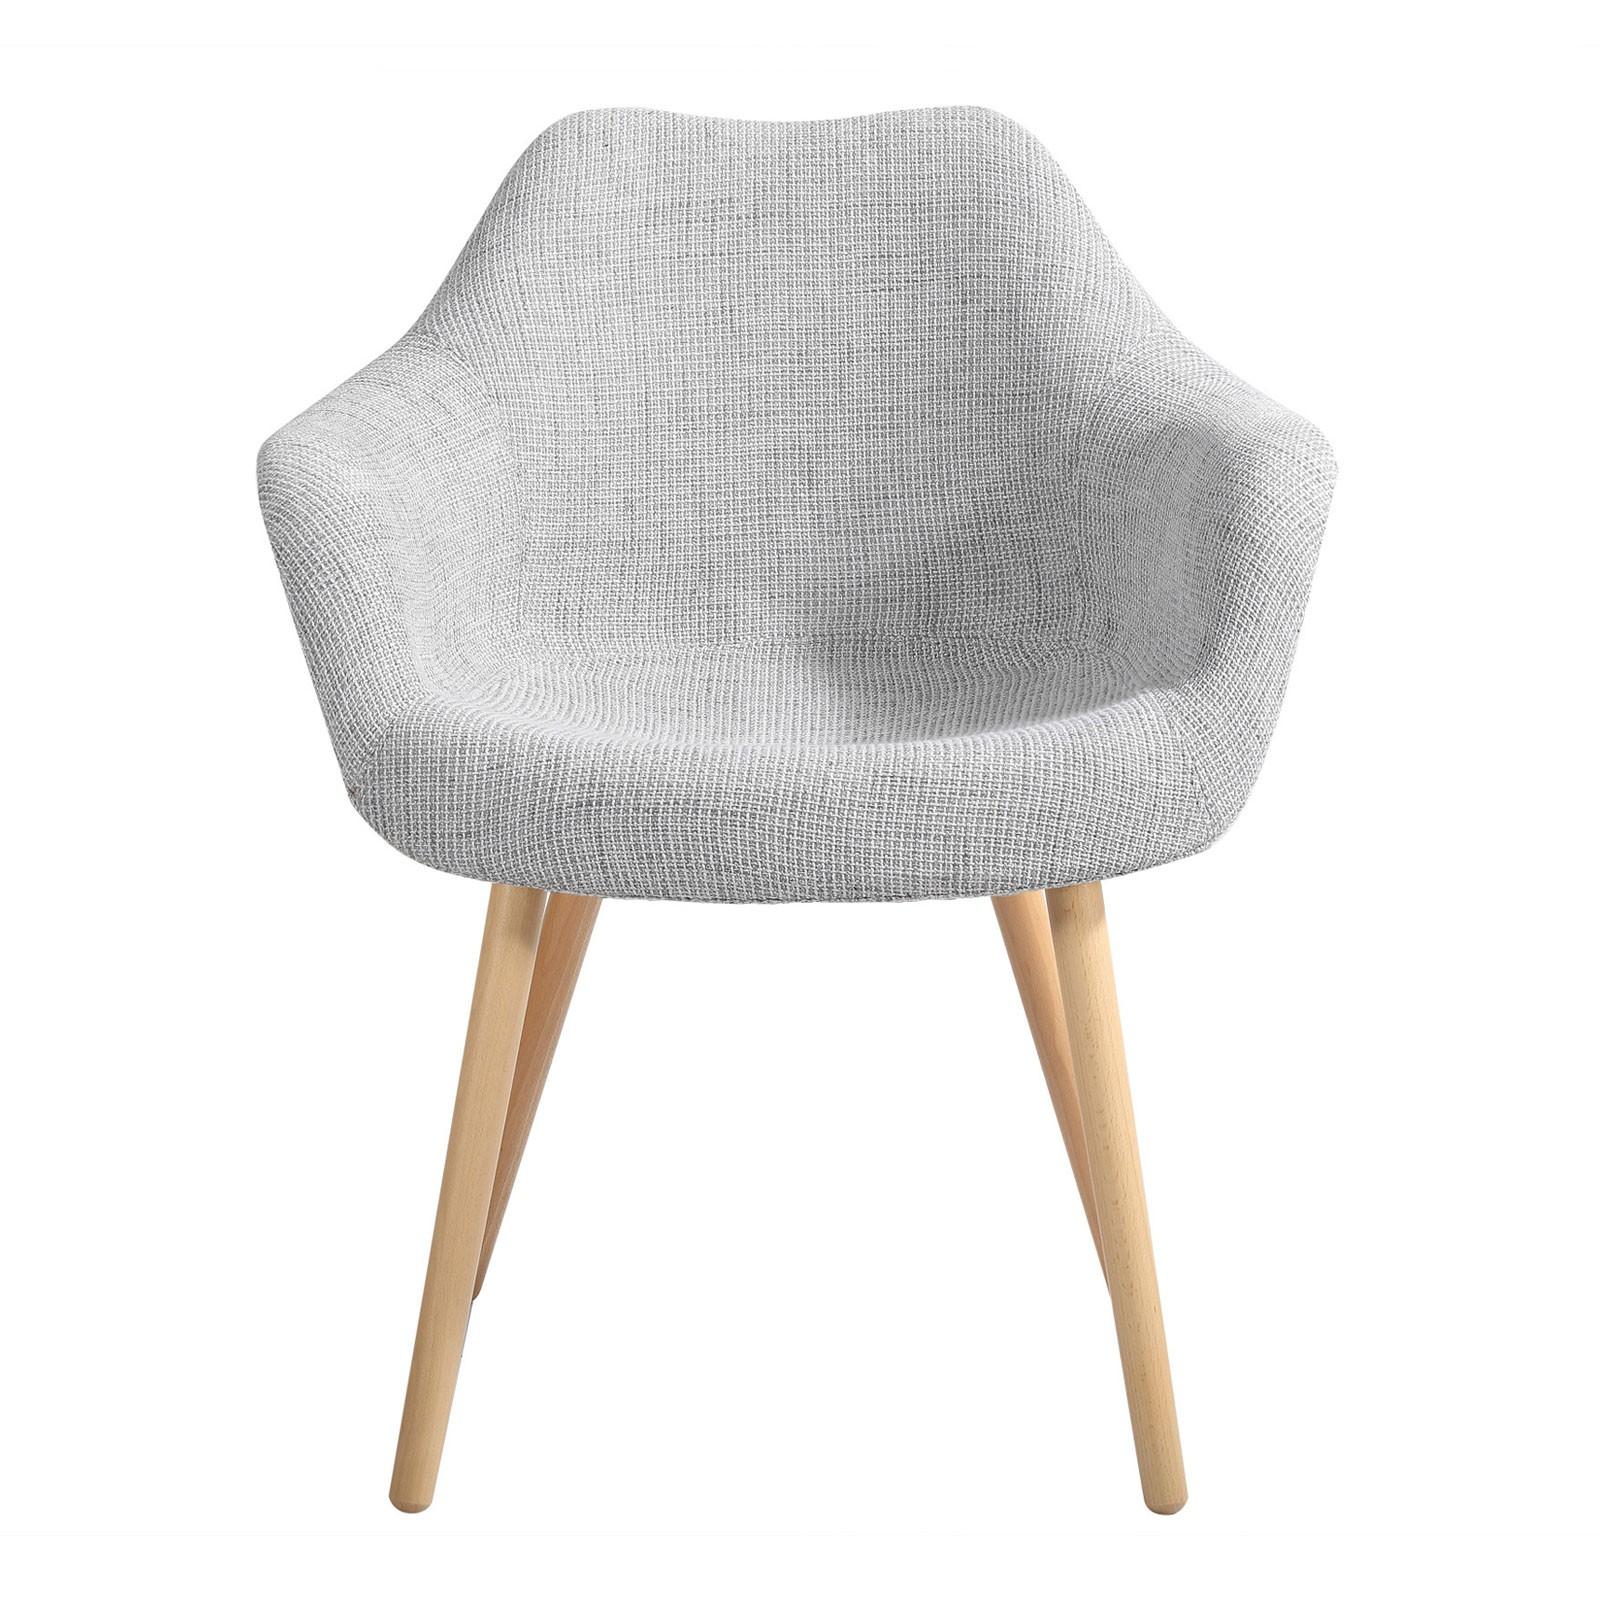 chaise grise anssen petit prix - Chaise Scandinave Grise